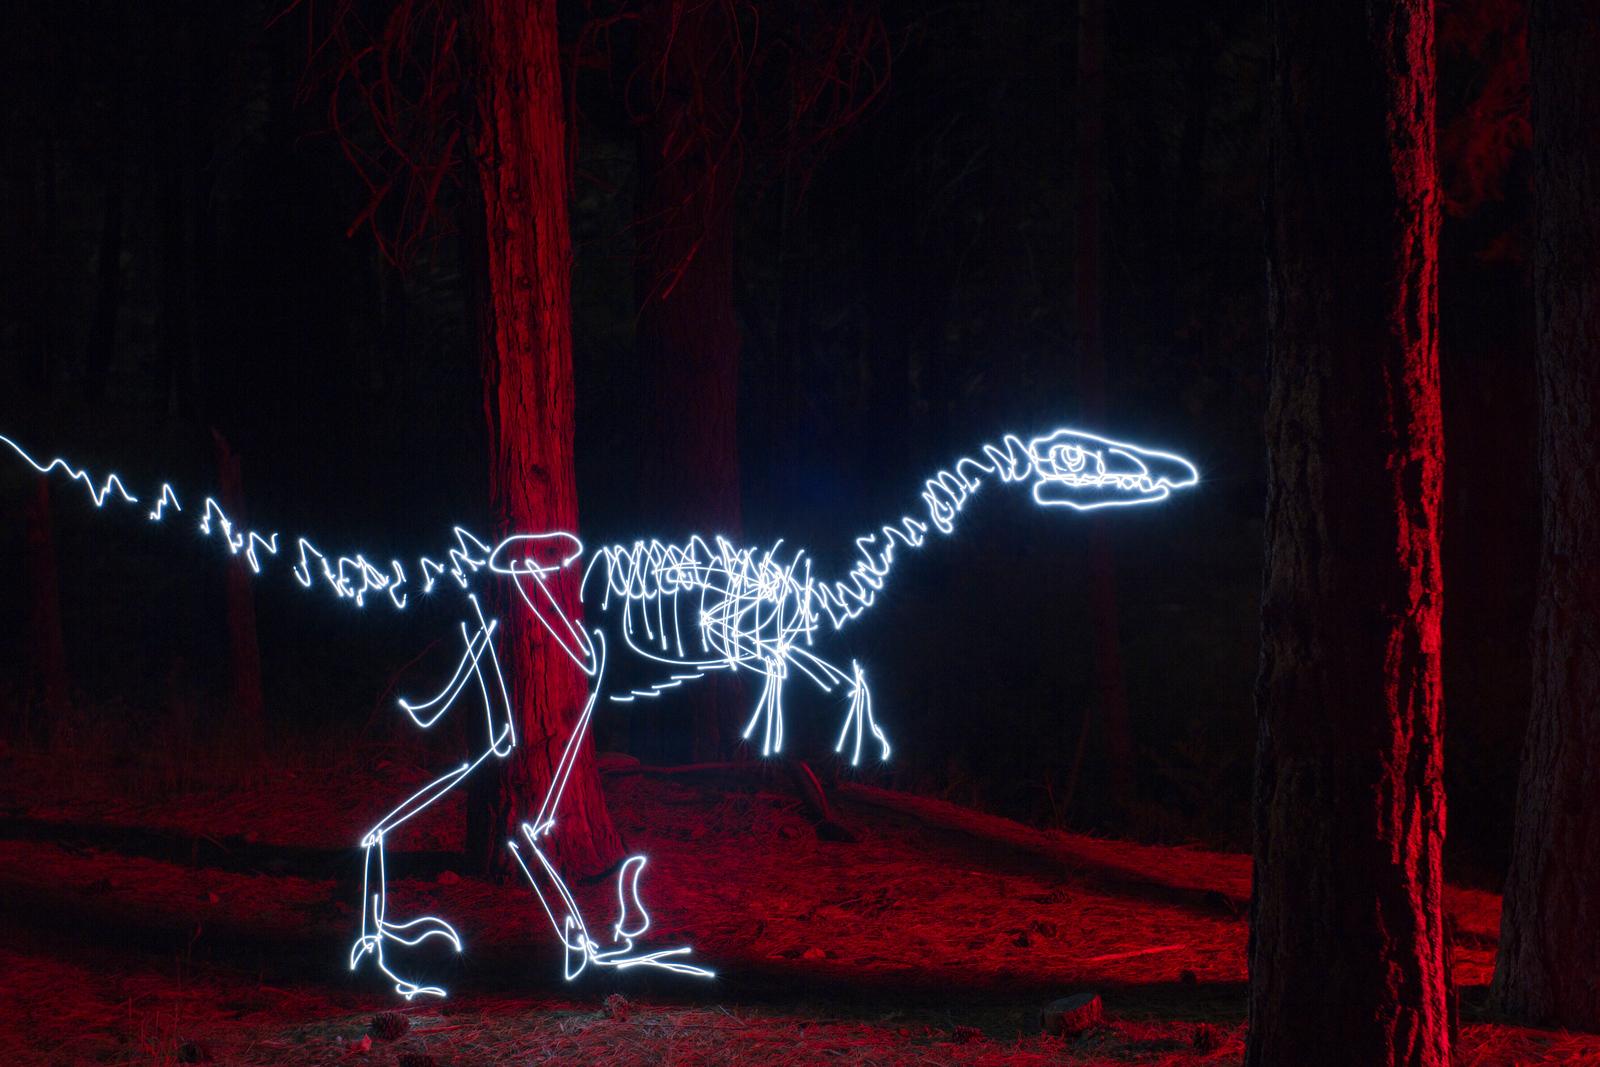 Velociraptor in the Woods